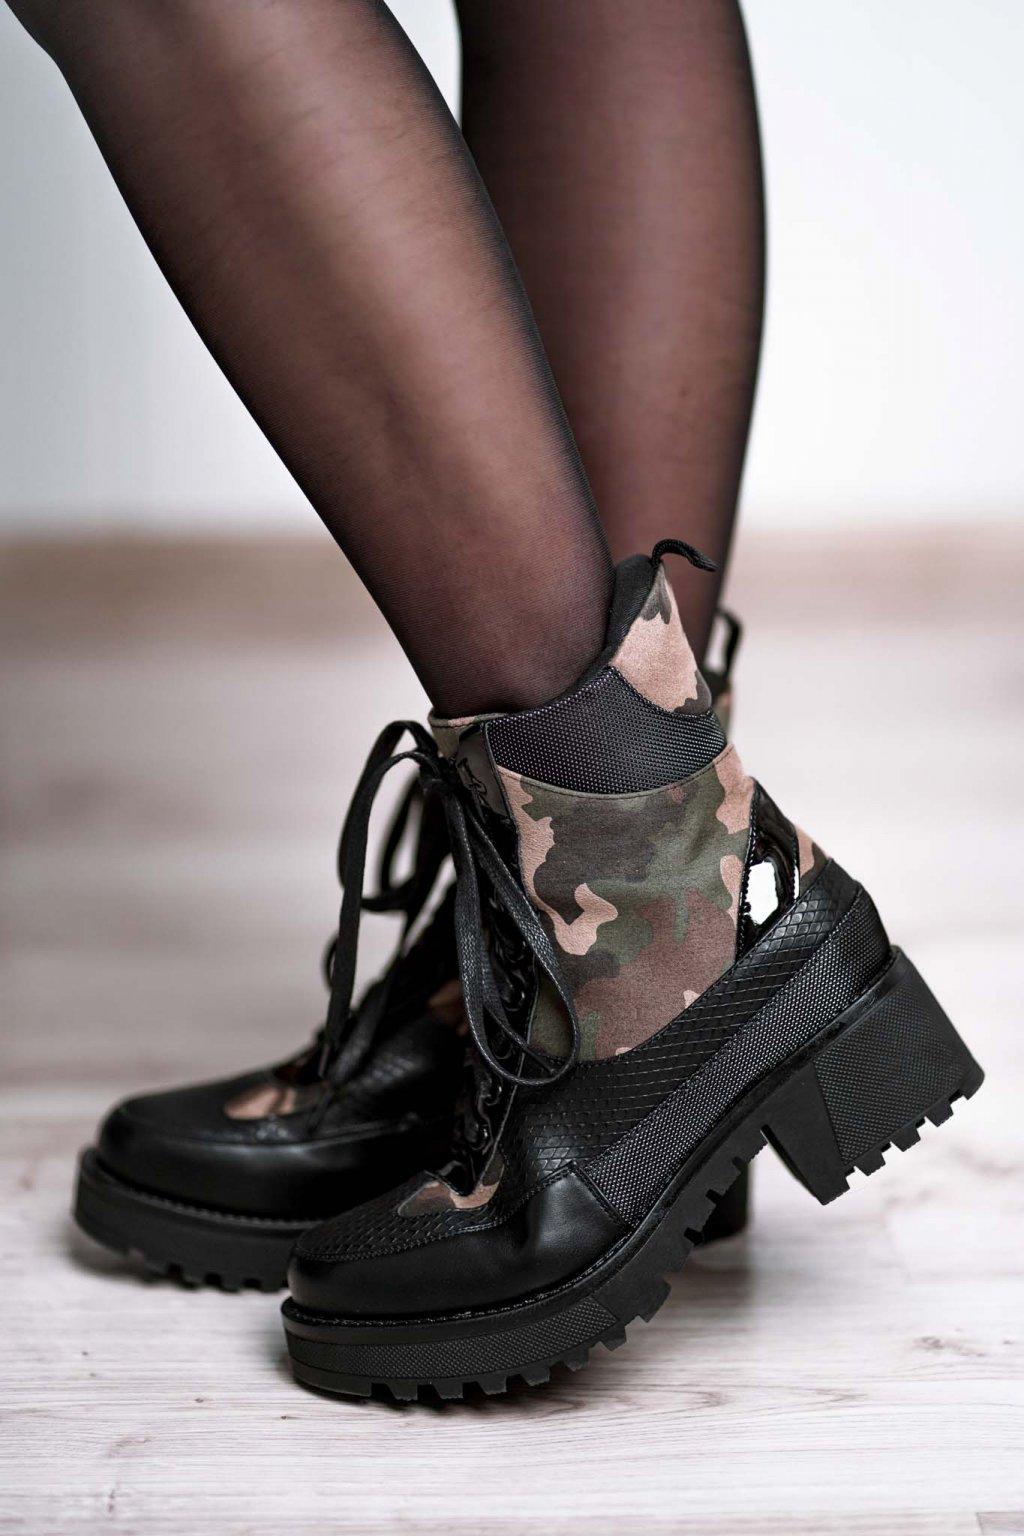 topánky, obuv, tenisky, botasky, lodičky, čižmy, šľapky, sandálky 301